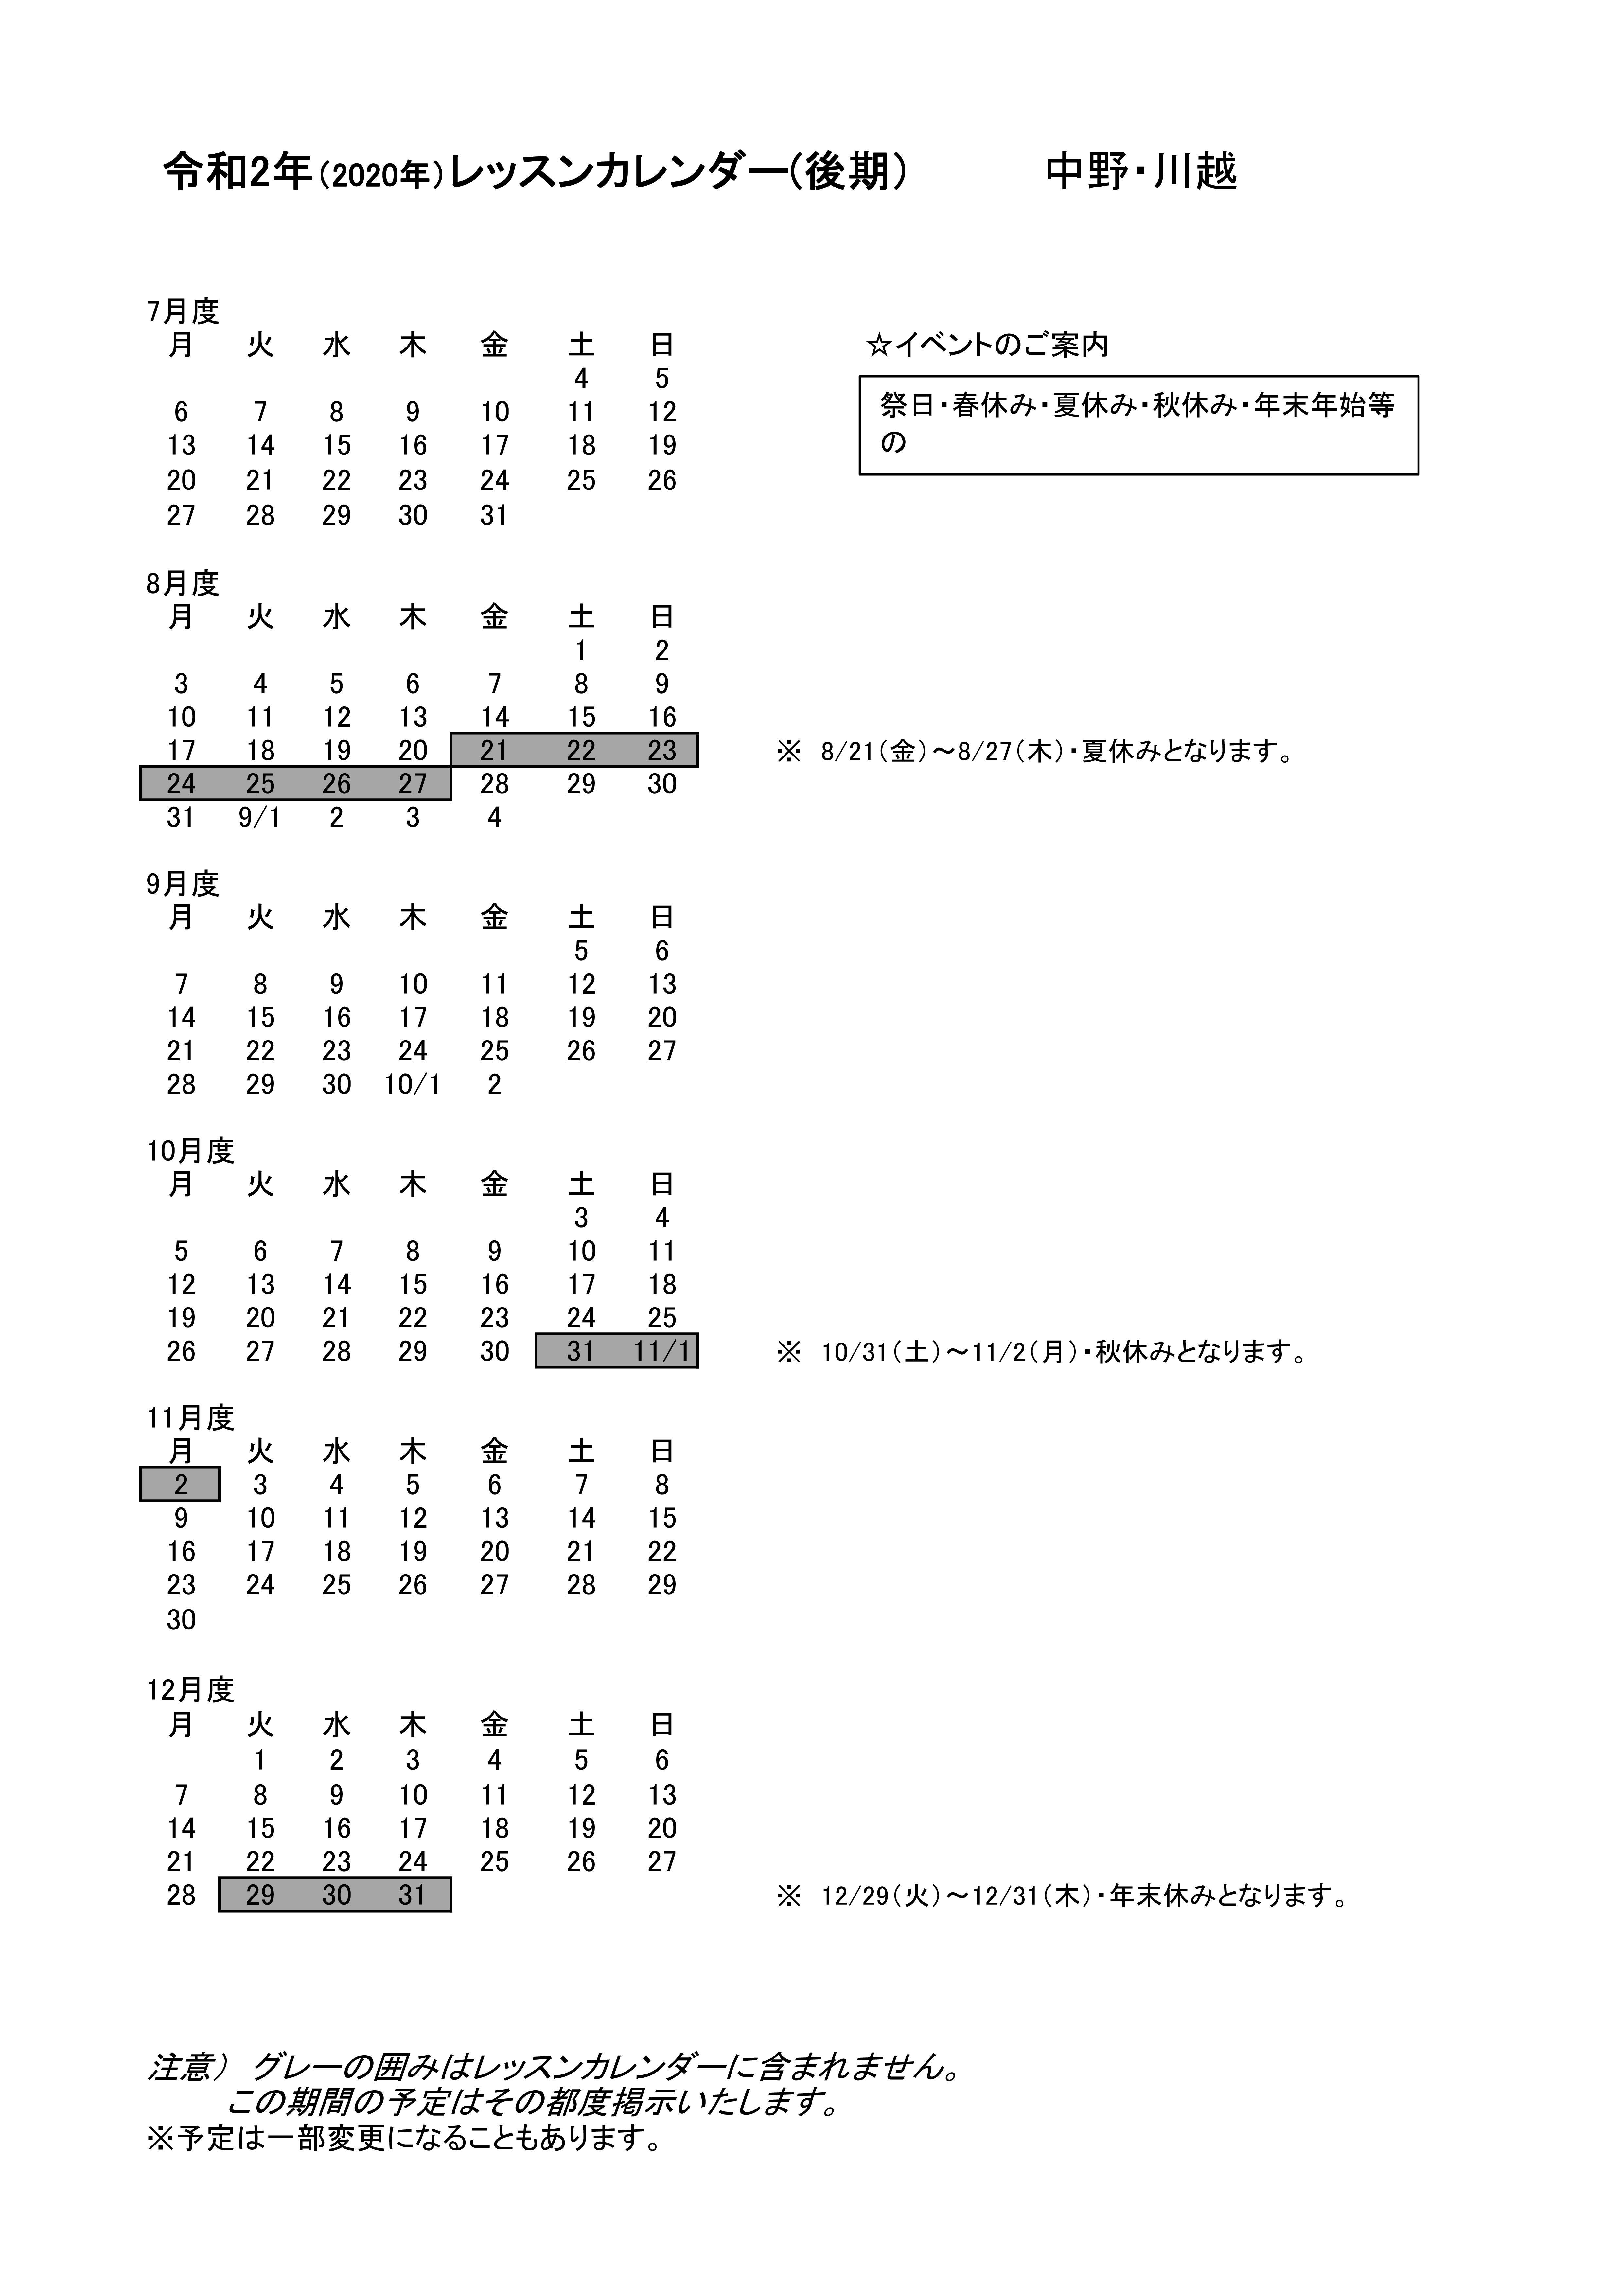 2020レッスンカレンダー後期naka